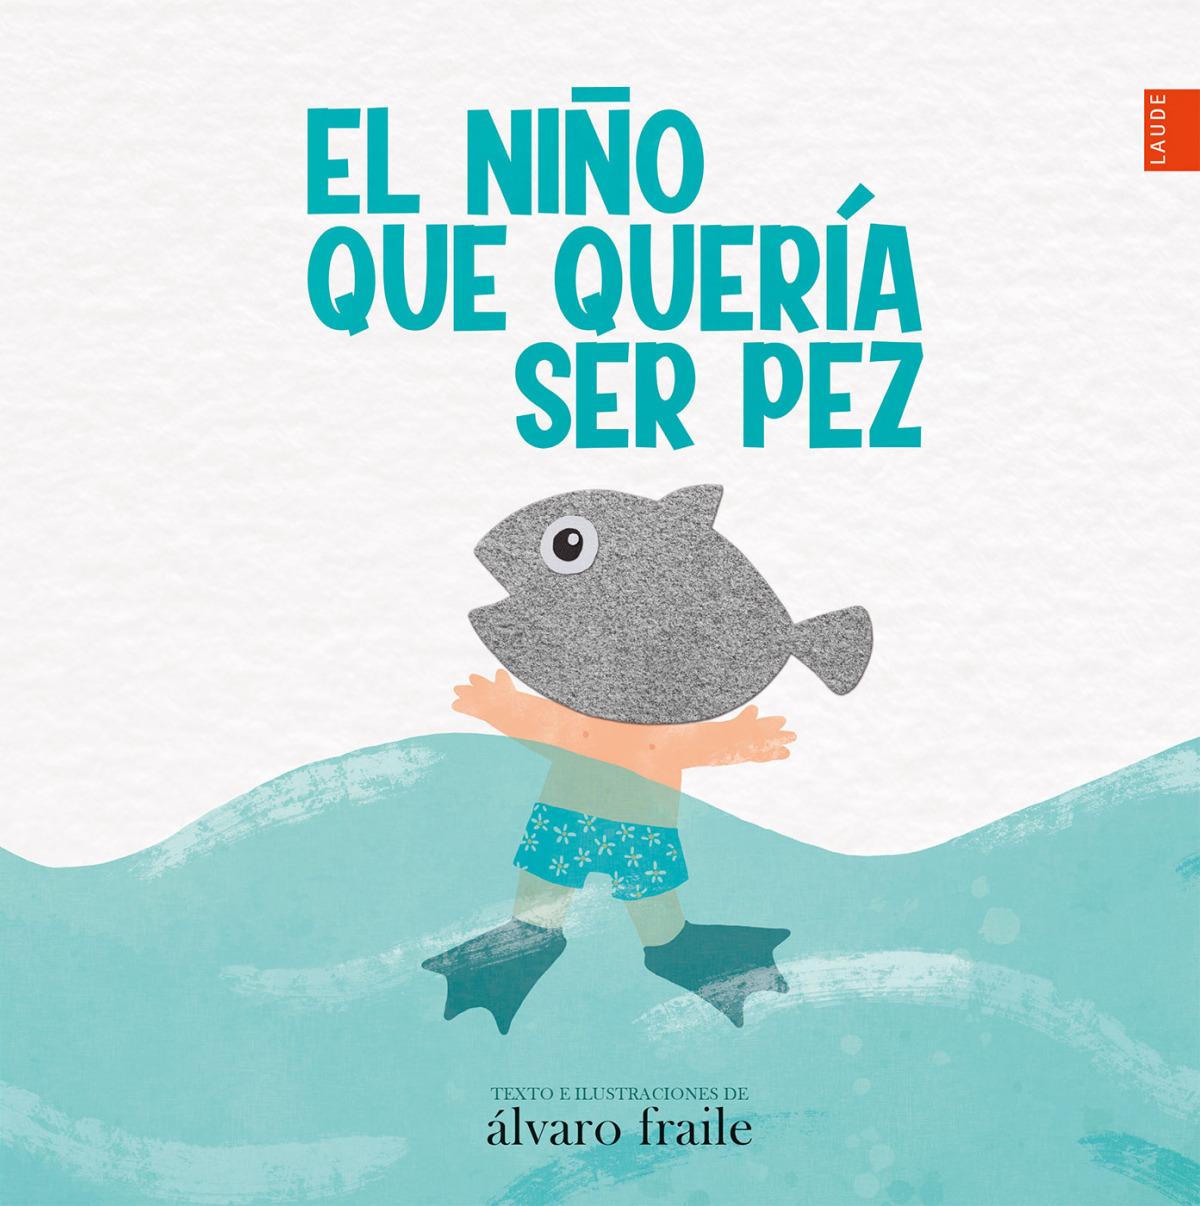 El niño que quería ser pez